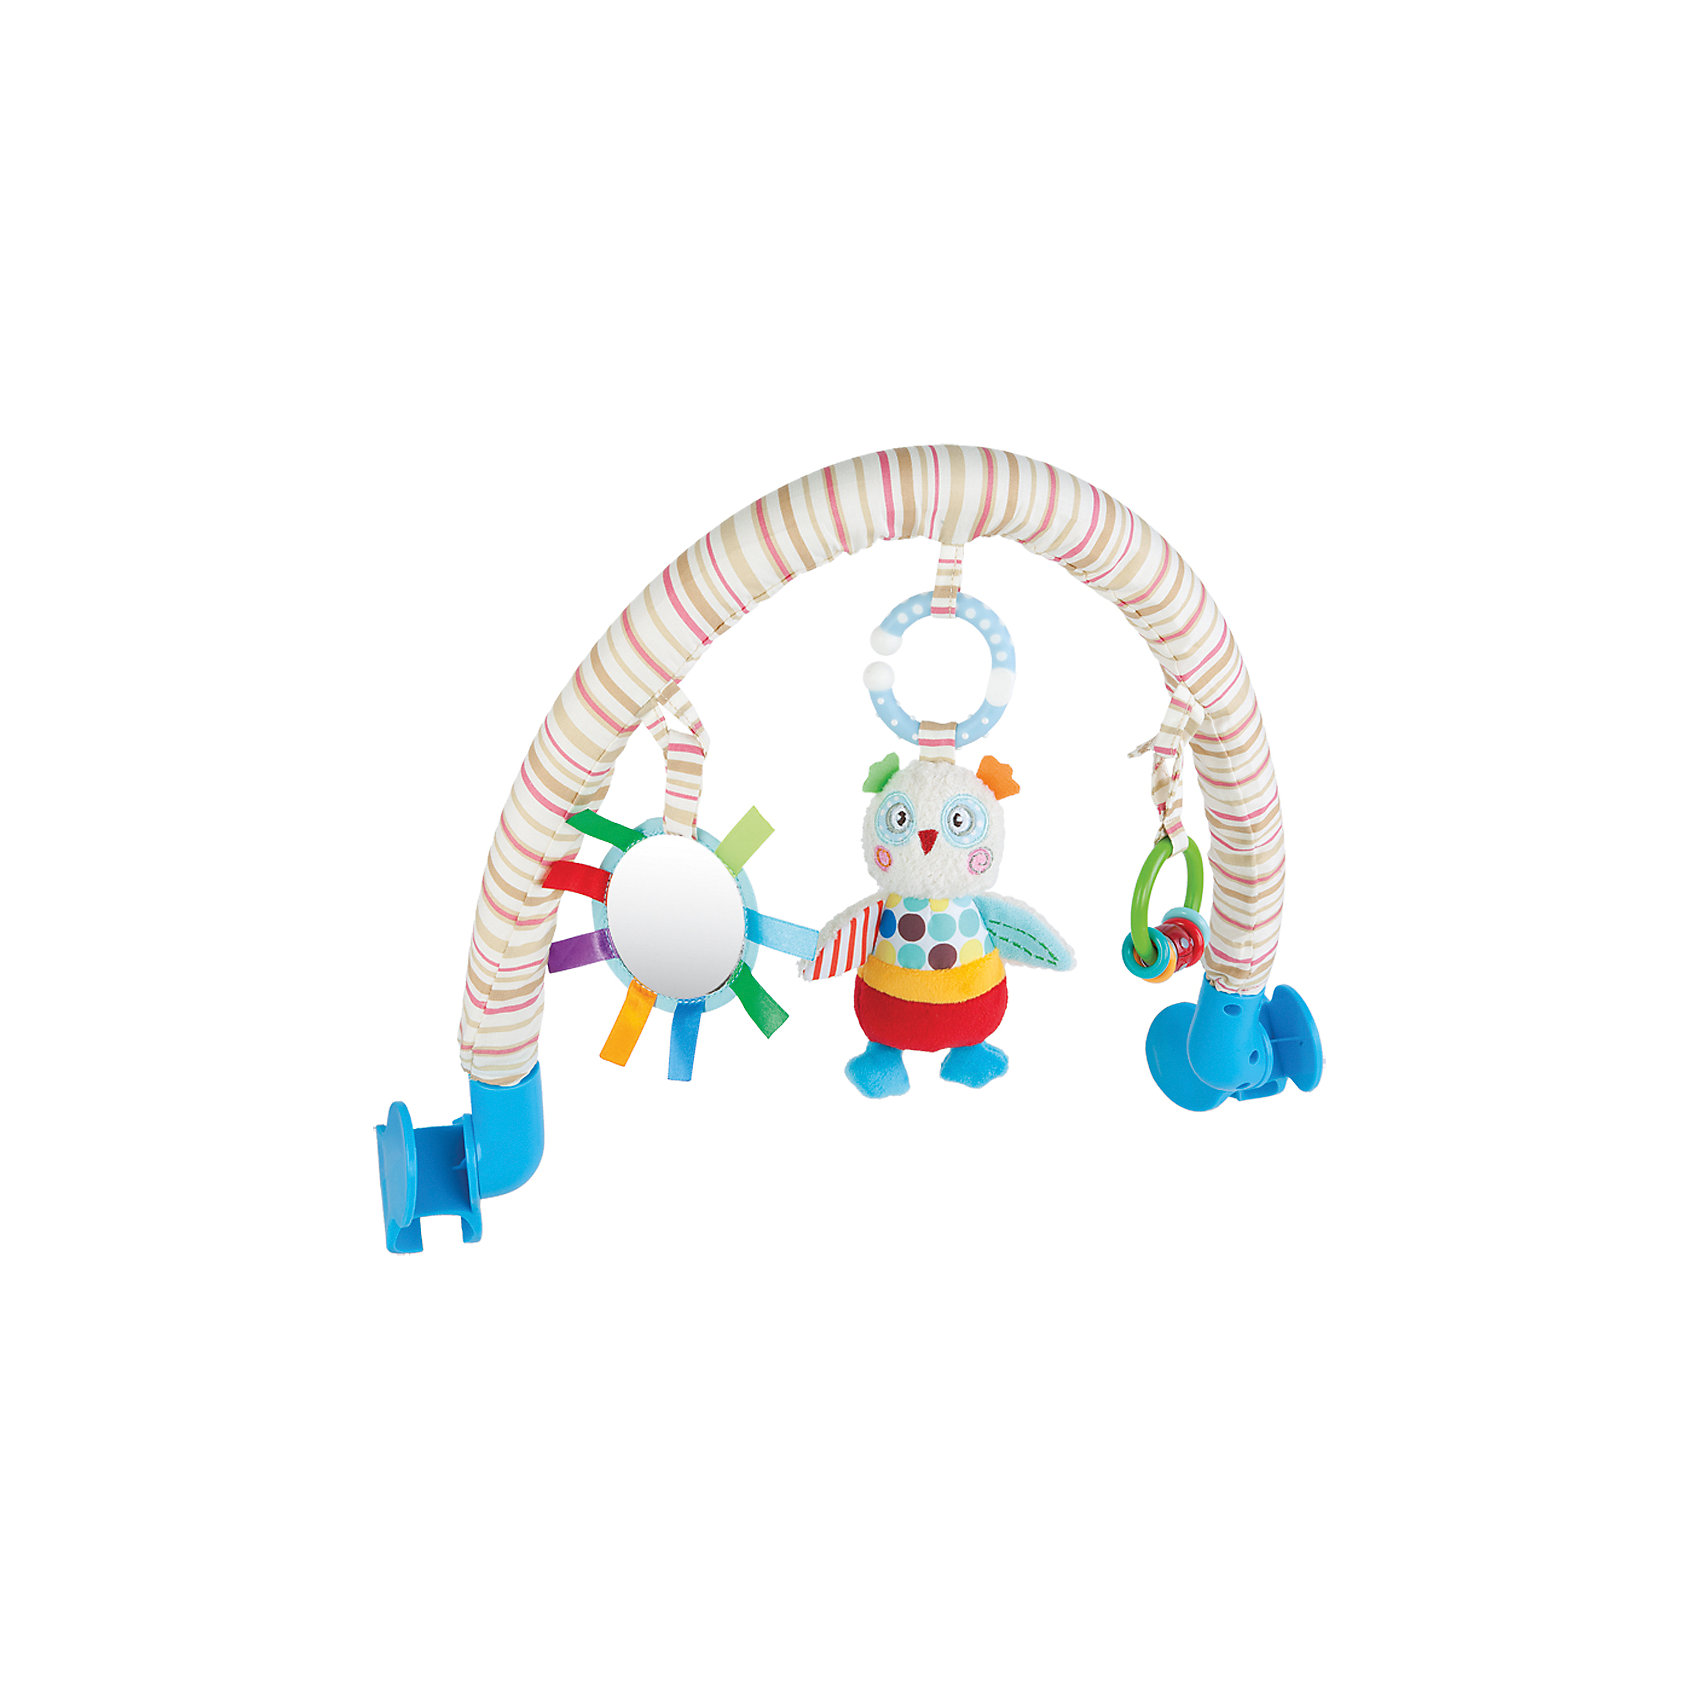 Дуга Жирафики Совенок Бонни с погремушкой и зеркальцемИгрушки для новорожденных<br>Характеристики:<br><br>• 3 подвески: погремушка, безопасное зеркальце, мягкая игрушка;<br>• подвески можно снимать;<br>• легко крепится к кроватке, коляске или автокреслу;<br>• возраст: с рождения;<br>• размер: 33х34 см;<br>• материал: текстиль, пластик;<br>• размер упаковки: 34х7х37 см;<br>• вес: 648 грамм;<br>• страна бренда: Россия.<br><br>Подвесная дуга развлечет малыша во время прогулки или путешествия. Она надежно фиксируется на коляске или автокресле с помощью двух боковых креплений.<br><br>Дуга имеет три развивающих элемента: мягкая игрушка, безопасное зеркальце и погремушка. Мягкая игрушка выполнена в виде забавного совёнка Бонни. Погремушка состоит из разноцветных колечек, которые очень весело гремят, если их потрясти. А в зеркальце малыш с интересом будет разглядывать свое отражение.<br><br>Игрушка способствует развитию хватательного рефлекса, тактильного, звукового и цветового восприятия.<br><br>Дугу с погремушкой, зеркальцем и мягкой игрушкой Совёнок Бонни, Жирафики можно купить в нашем интернет-магазине.<br><br>Ширина мм: 370<br>Глубина мм: 70<br>Высота мм: 340<br>Вес г: 638<br>Возраст от месяцев: -2147483648<br>Возраст до месяцев: 2147483647<br>Пол: Унисекс<br>Возраст: Детский<br>SKU: 6846880